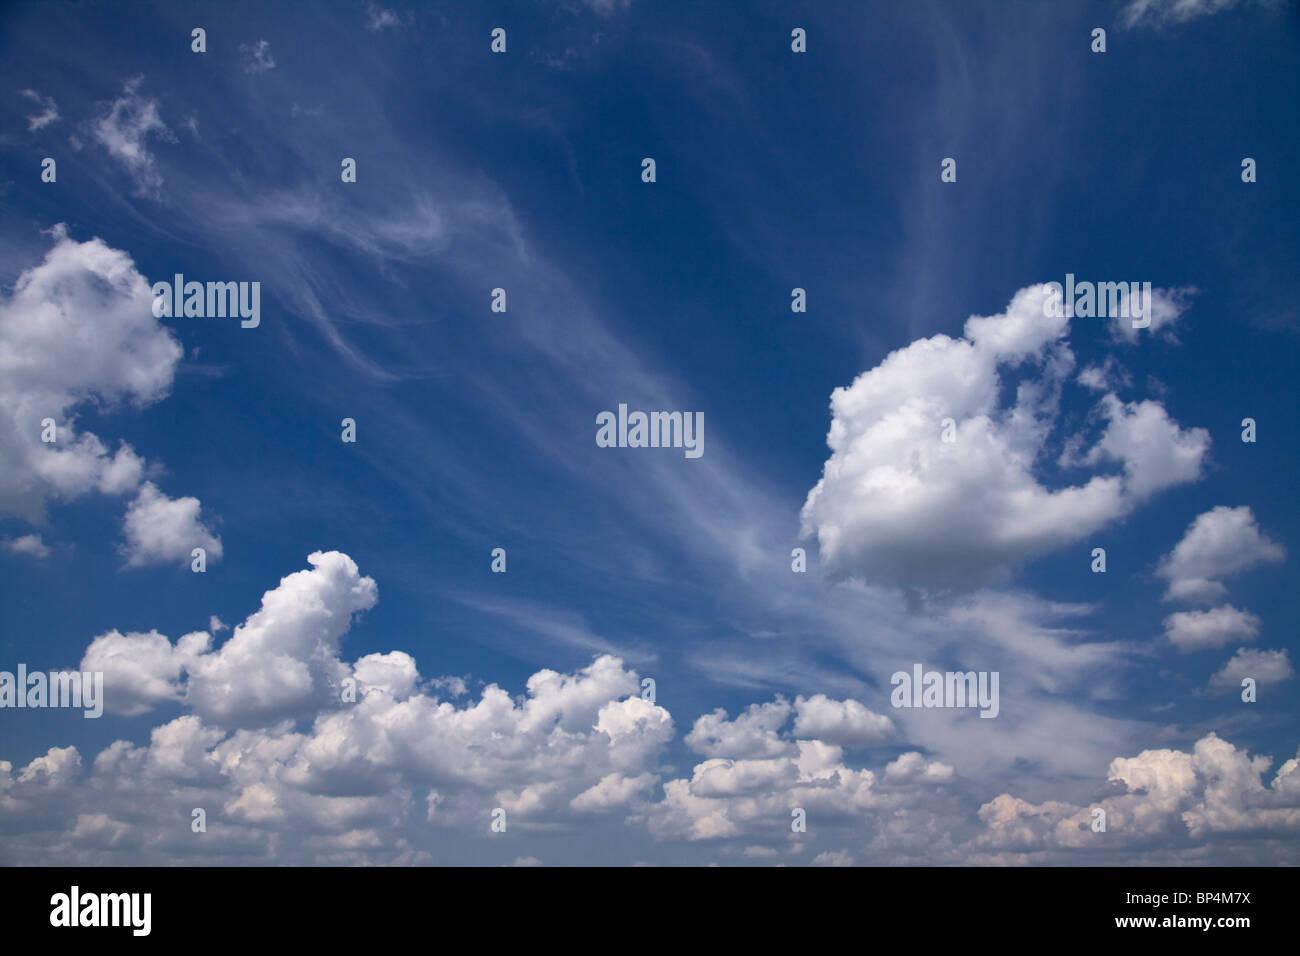 Wunderschöne blaue dramatischer Himmel mit einigen weißen Wolken. Stockbild